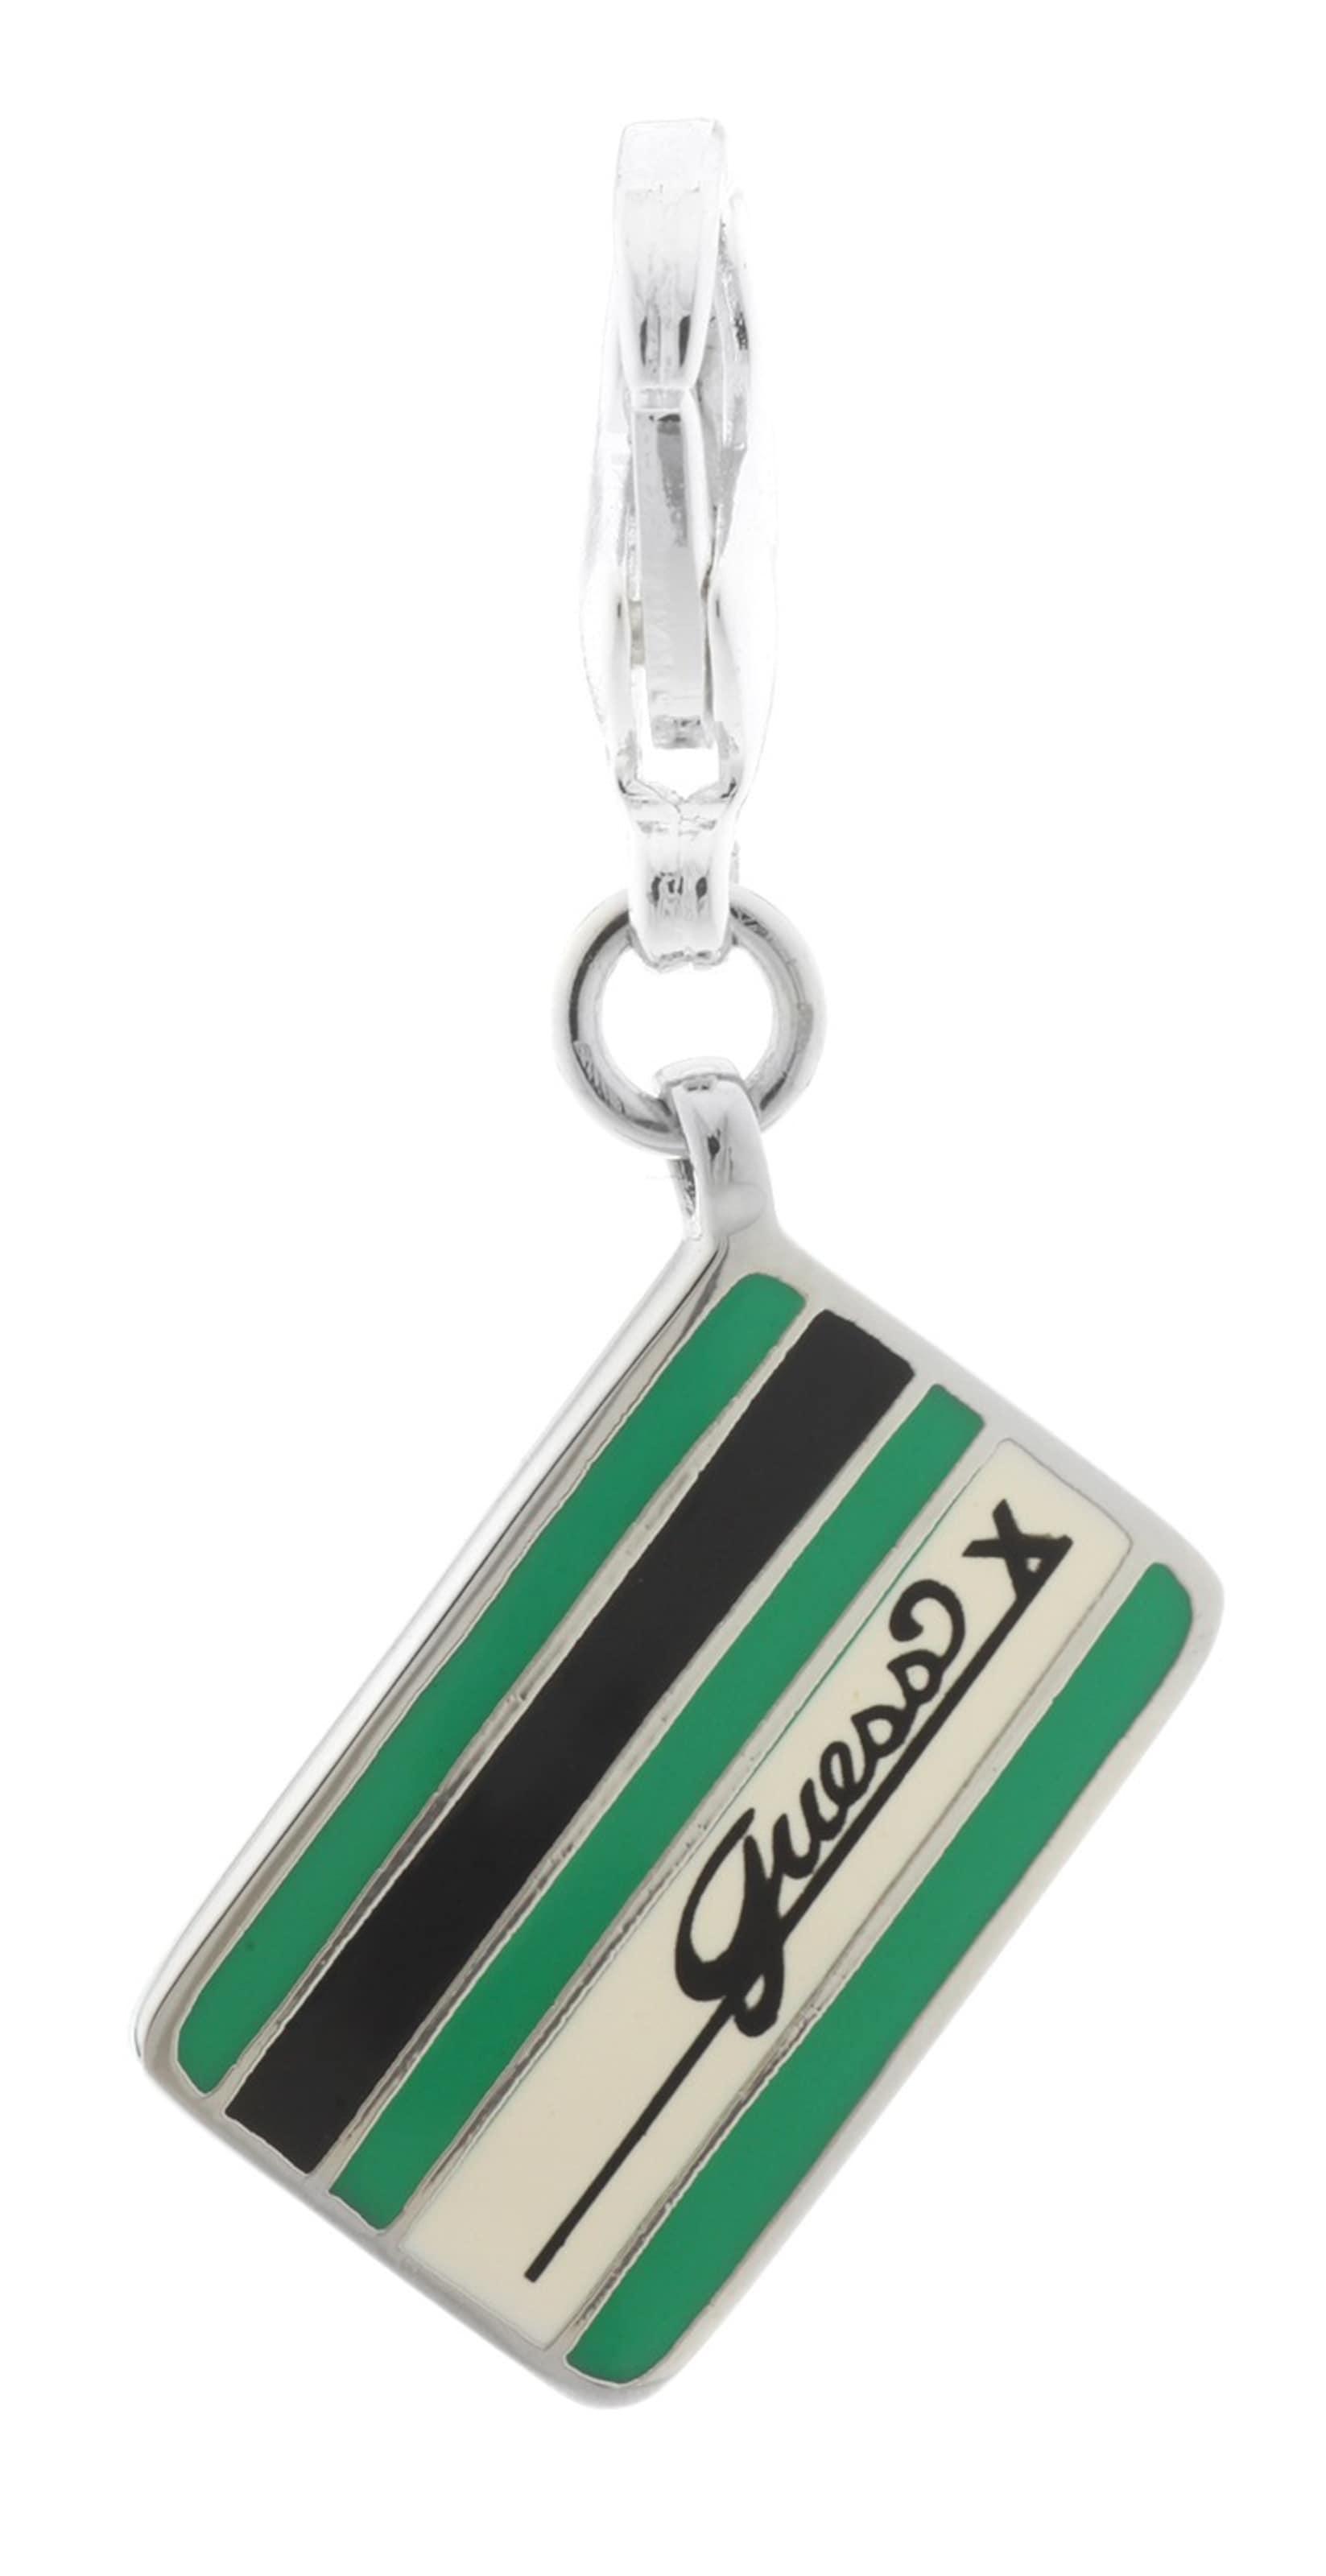 Verkaufsauftrag Liefern Billige Online GUESS Charm 'Credit Card UBC90907' Verkauf Zuverlässig Billig Verkauf Bestseller thZMChhBEQ